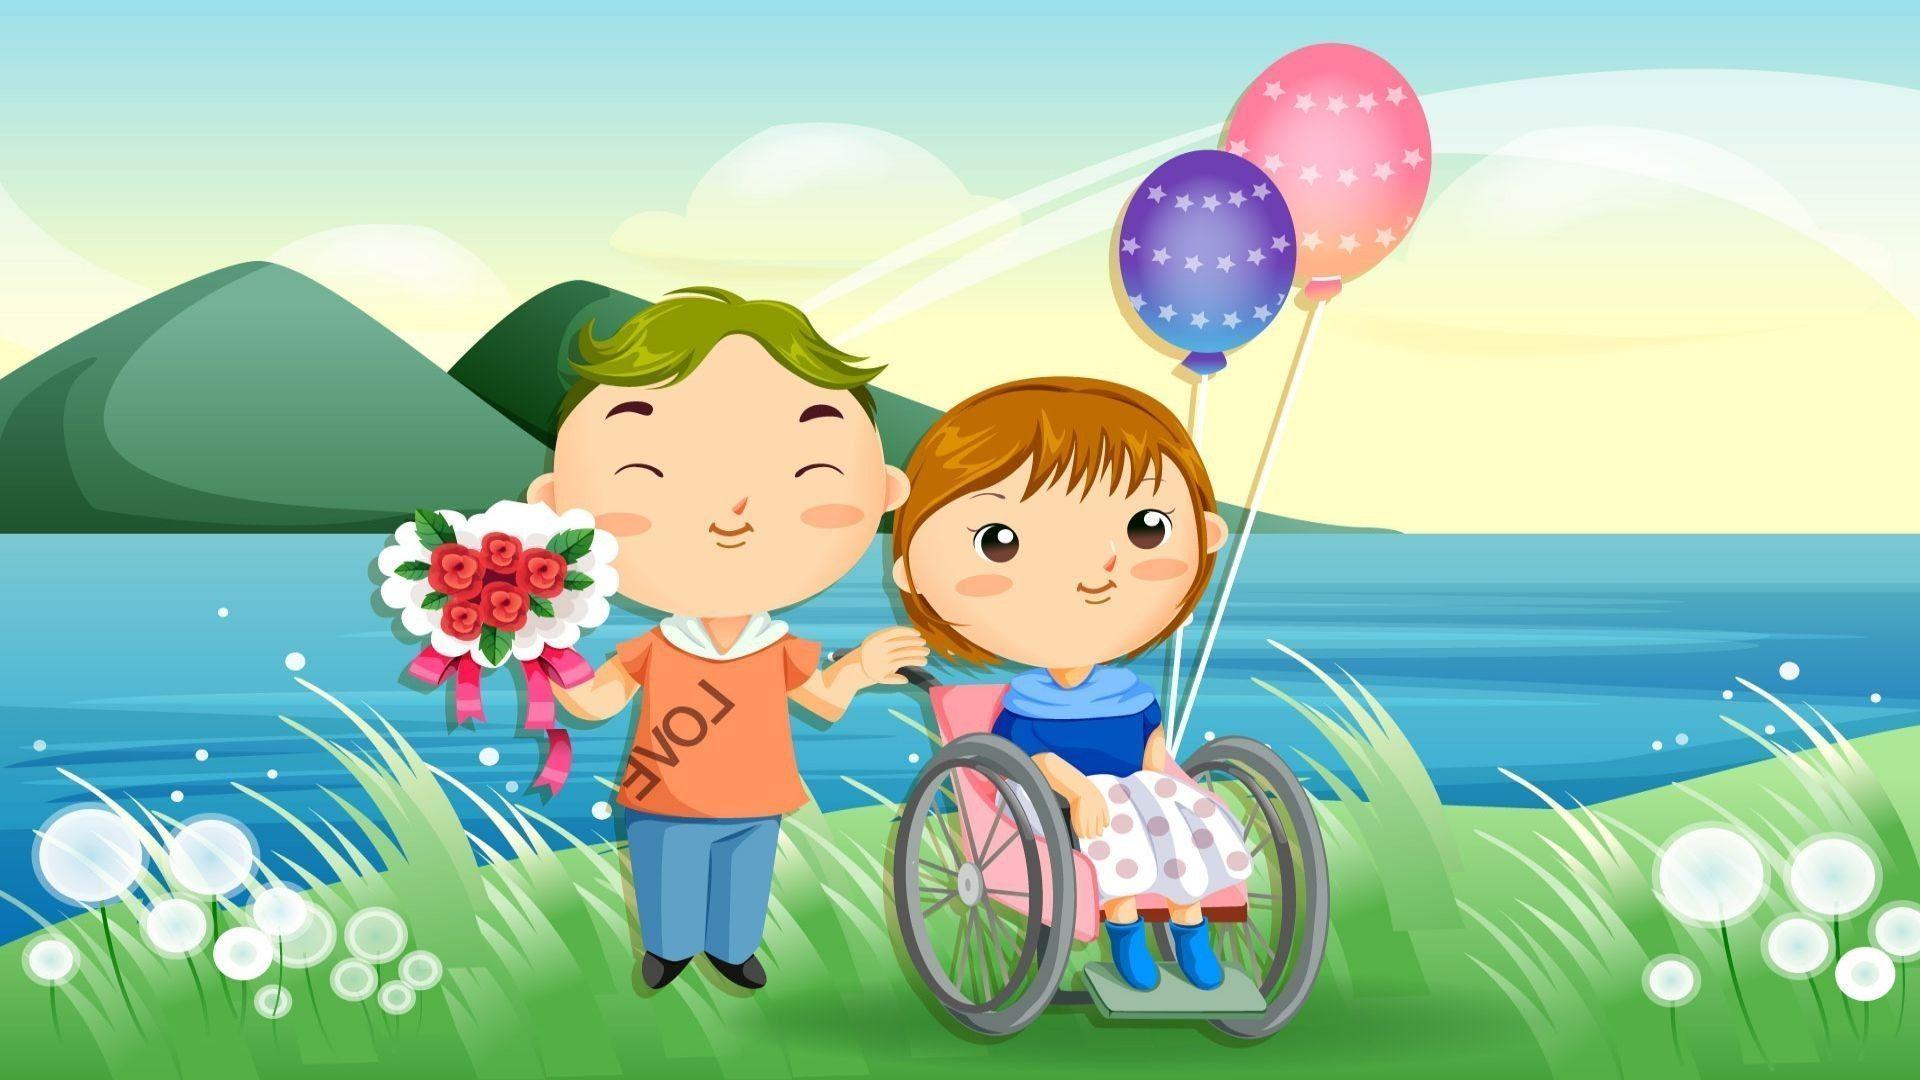 Картинки ко дню инвалида для детей